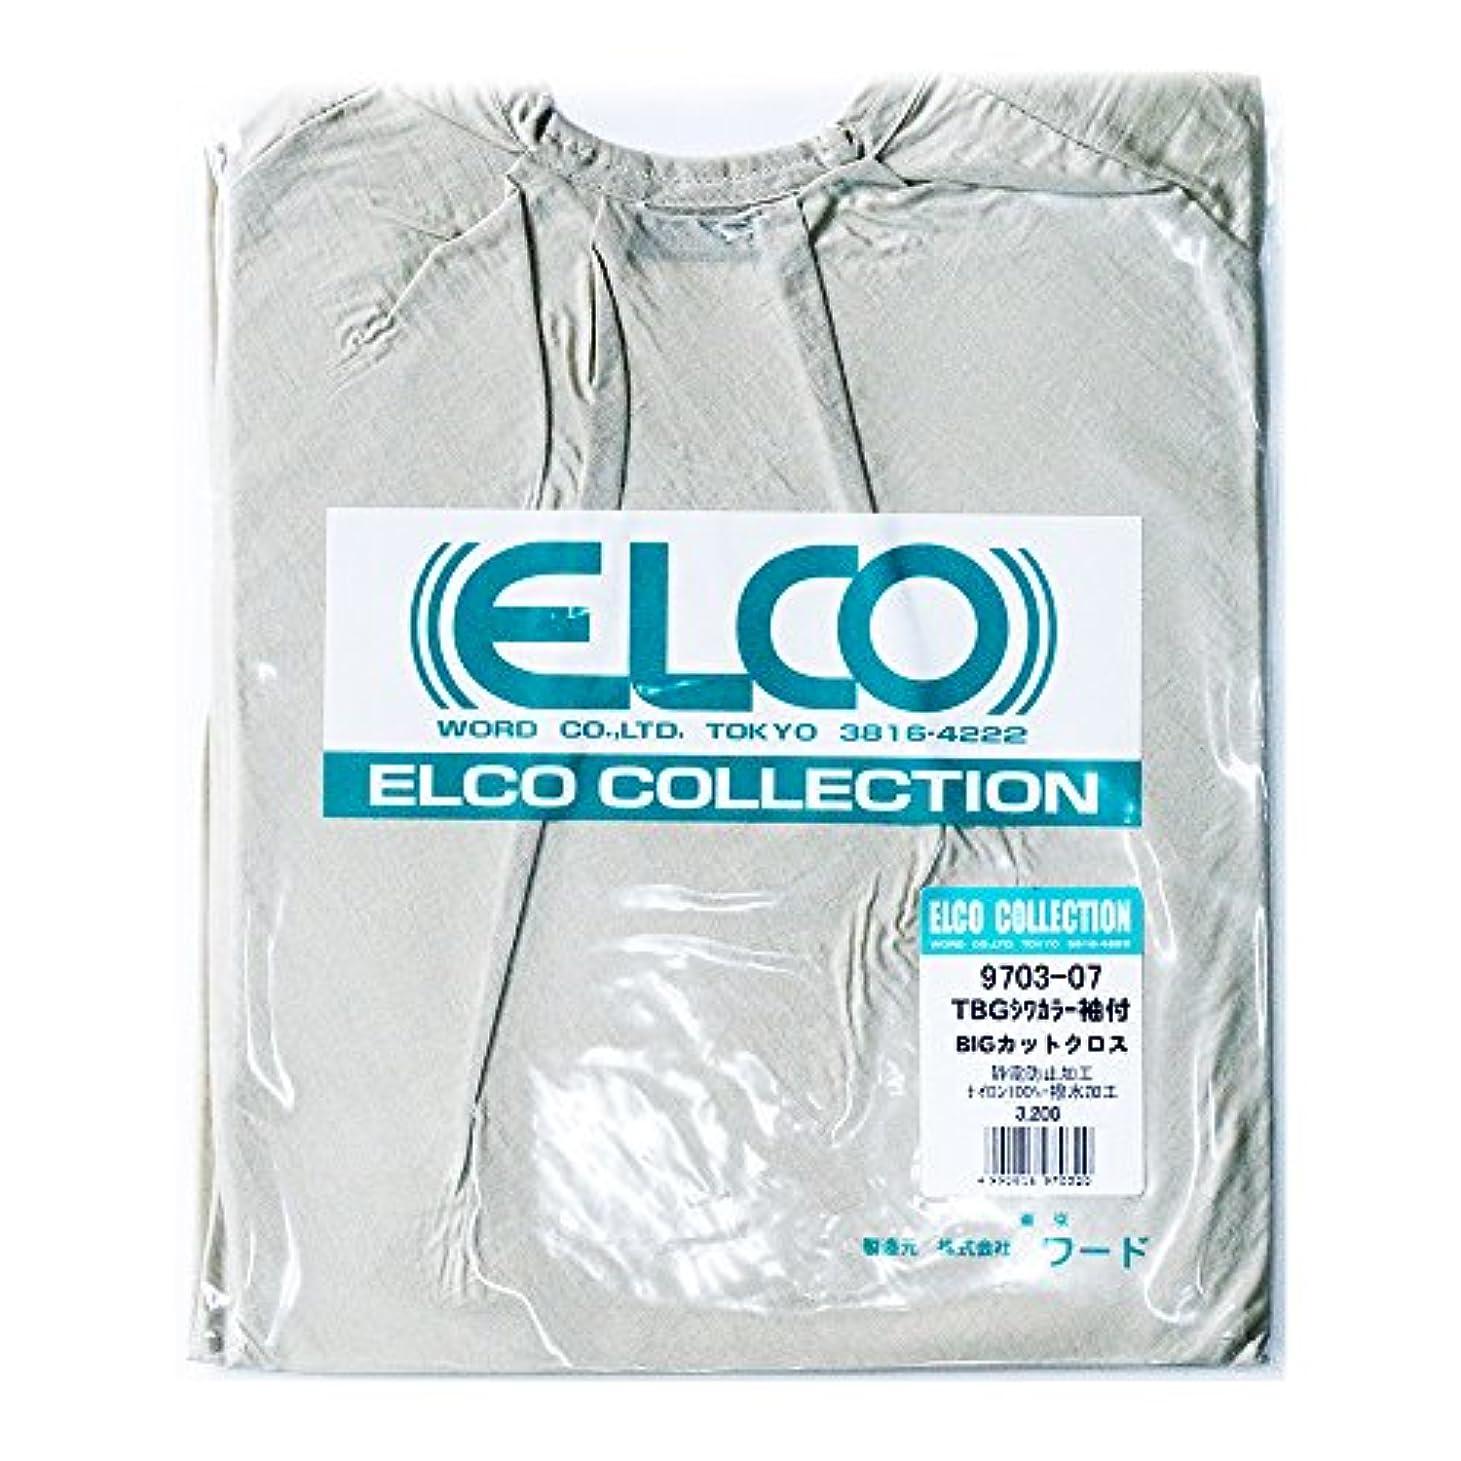 選ぶコンクリートコンピューターゲームをプレイするエルコ シワカラー袖付 ベージュ